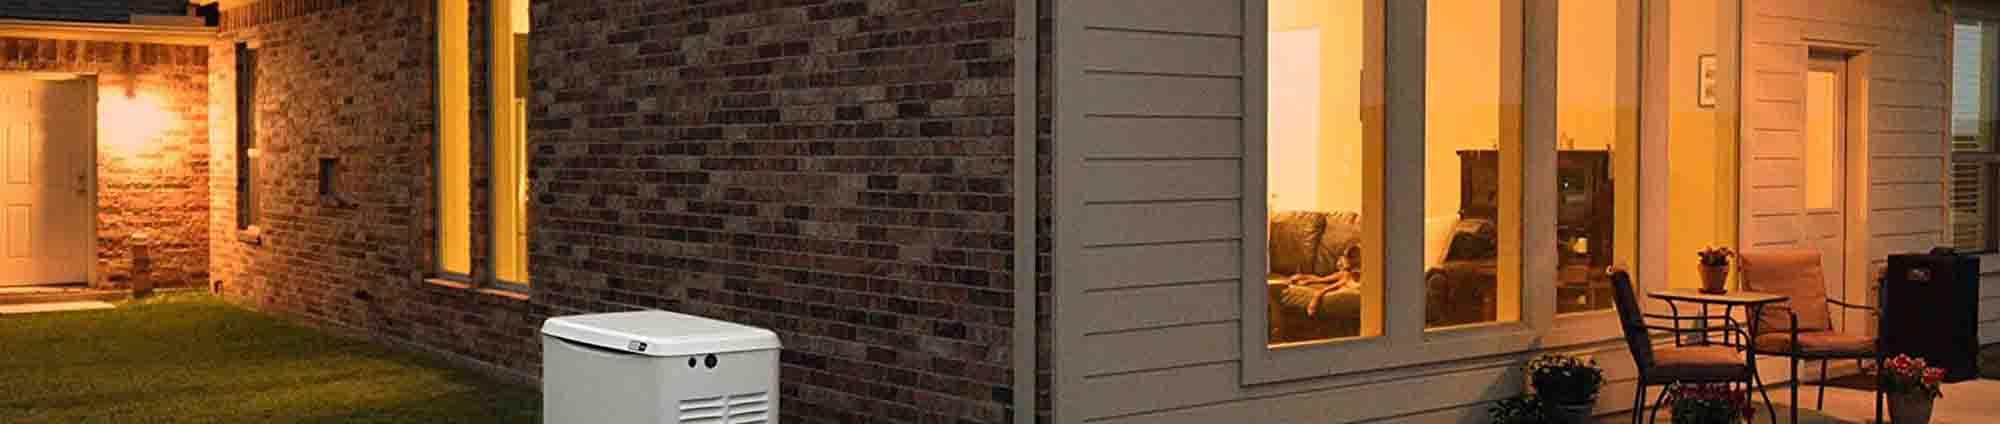 whole house generator GB Sprinklers